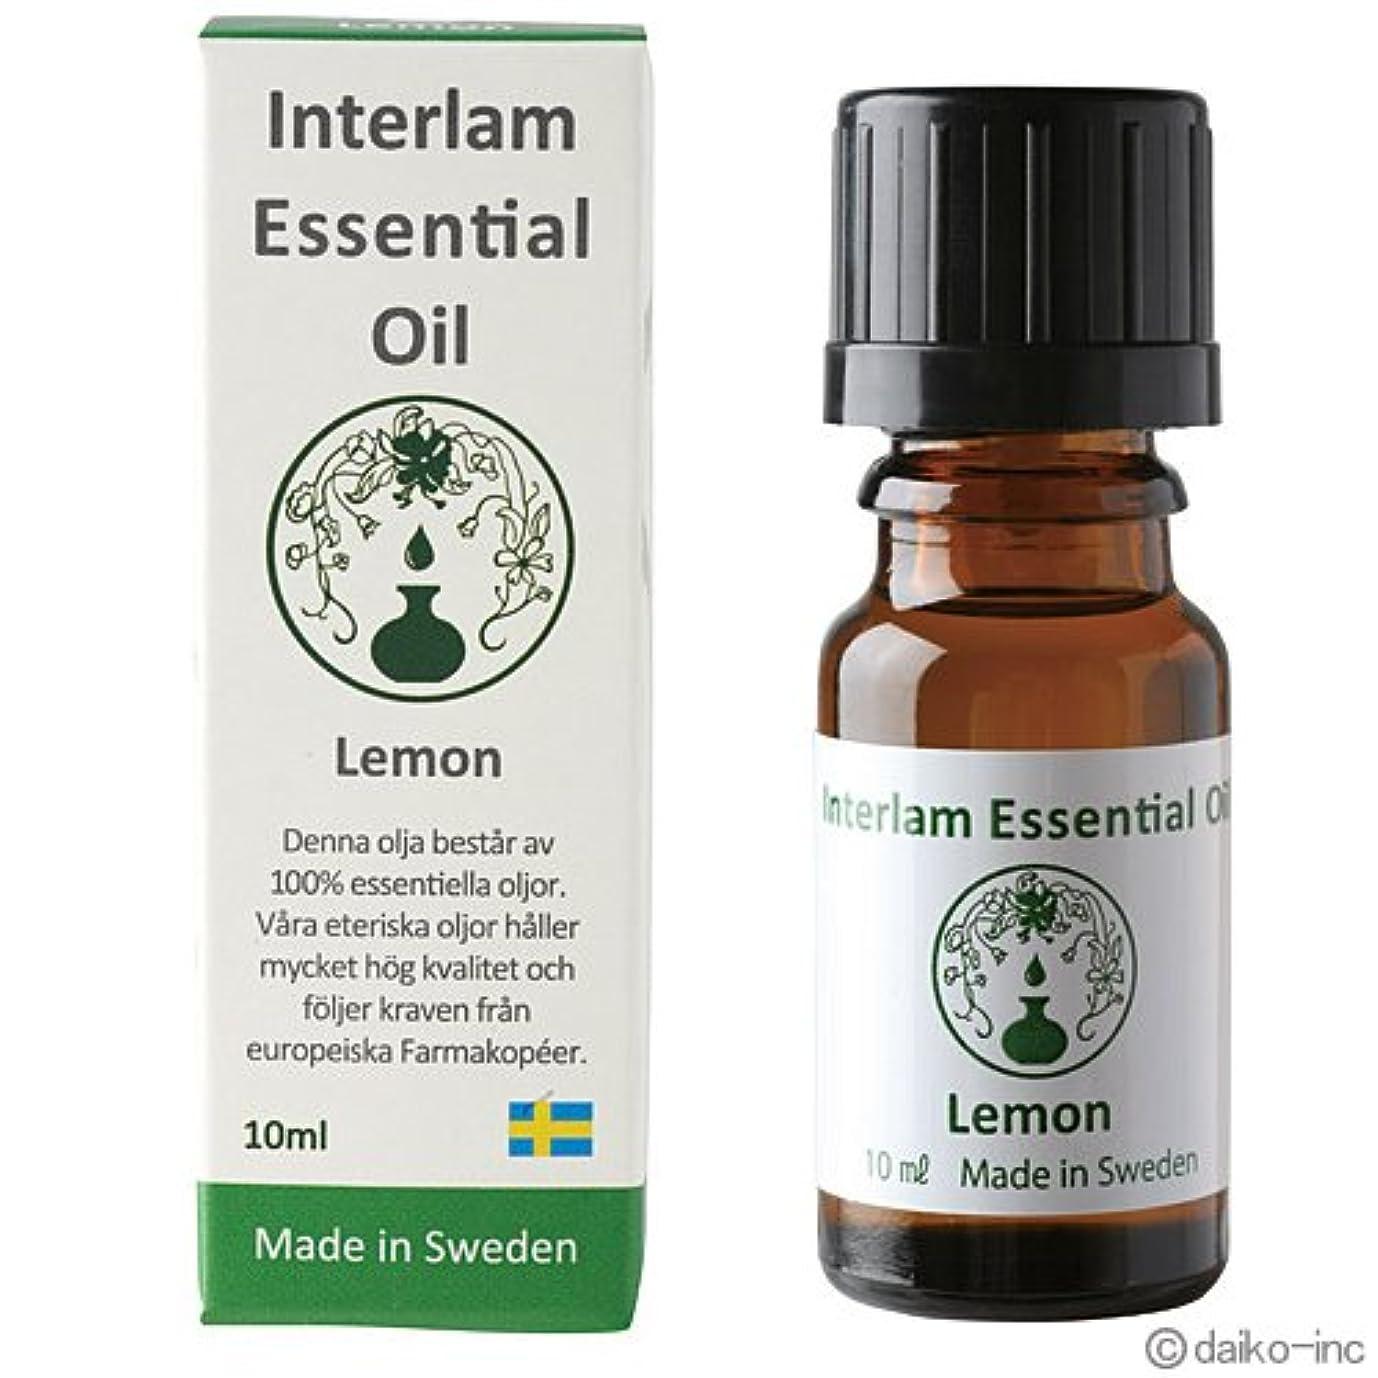 火炎ラリーベルモント健康的Interlam Essential Oil レモン 10ml